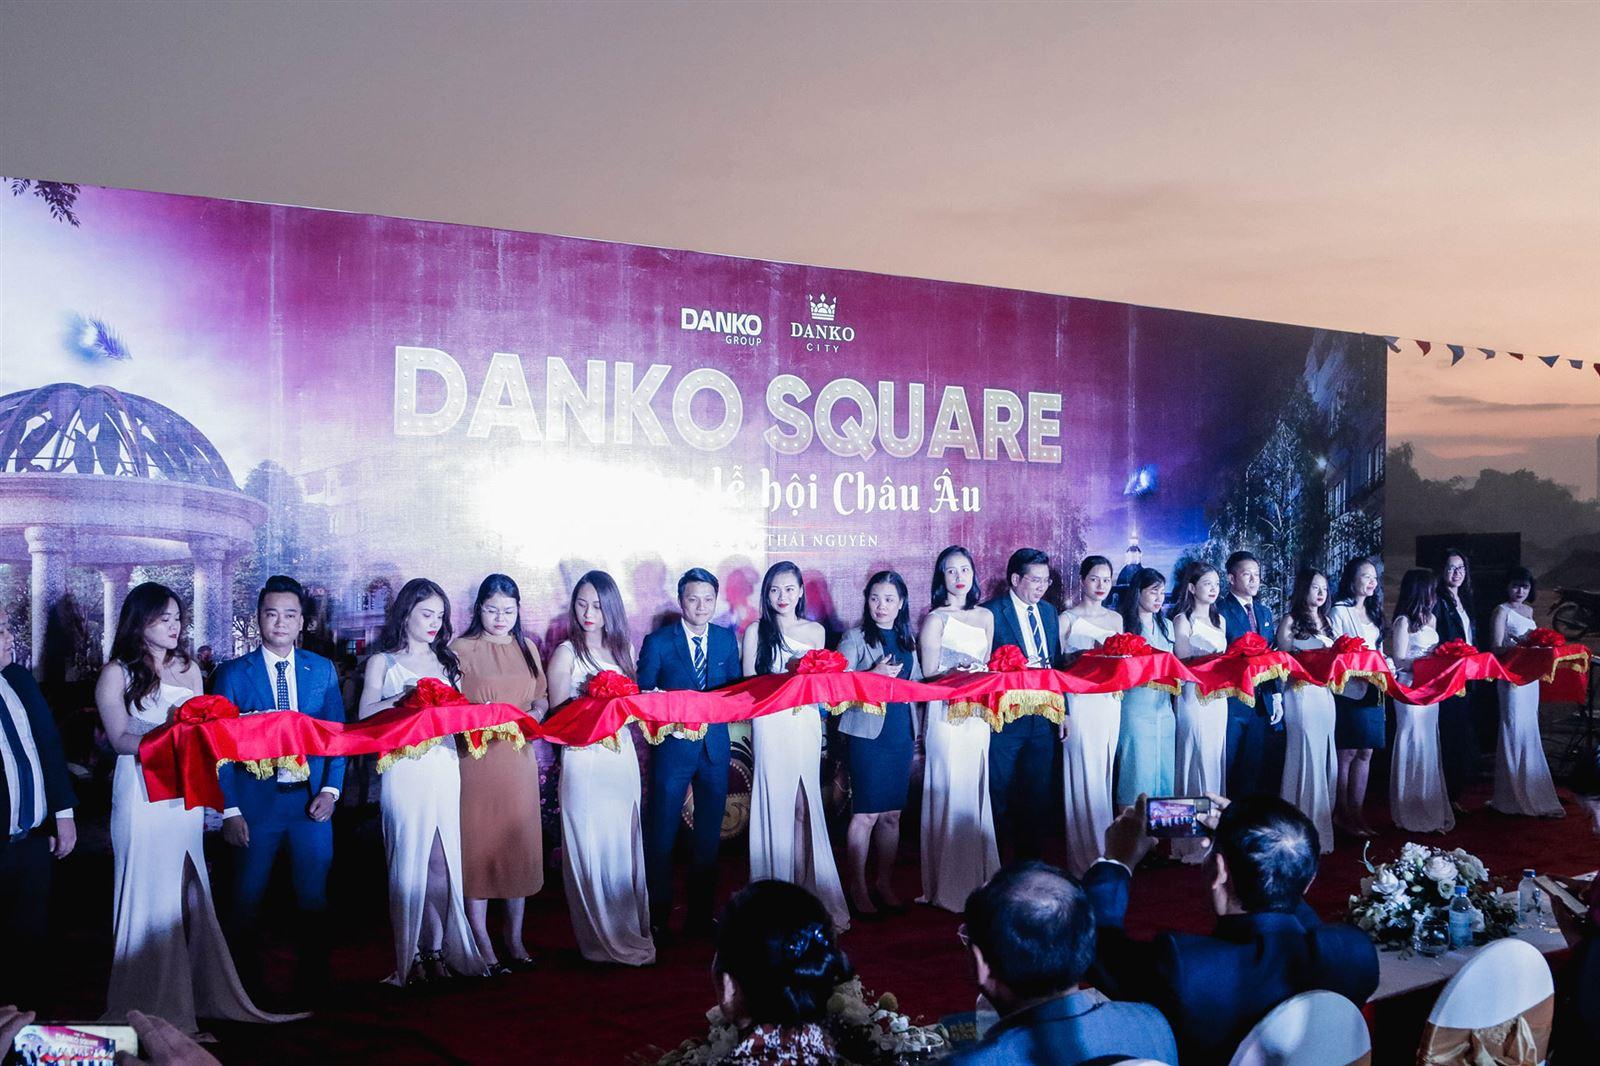 Danko Square - Sắc màu lễ hội châu Âu - Ngày khai mạc 10/10/2020